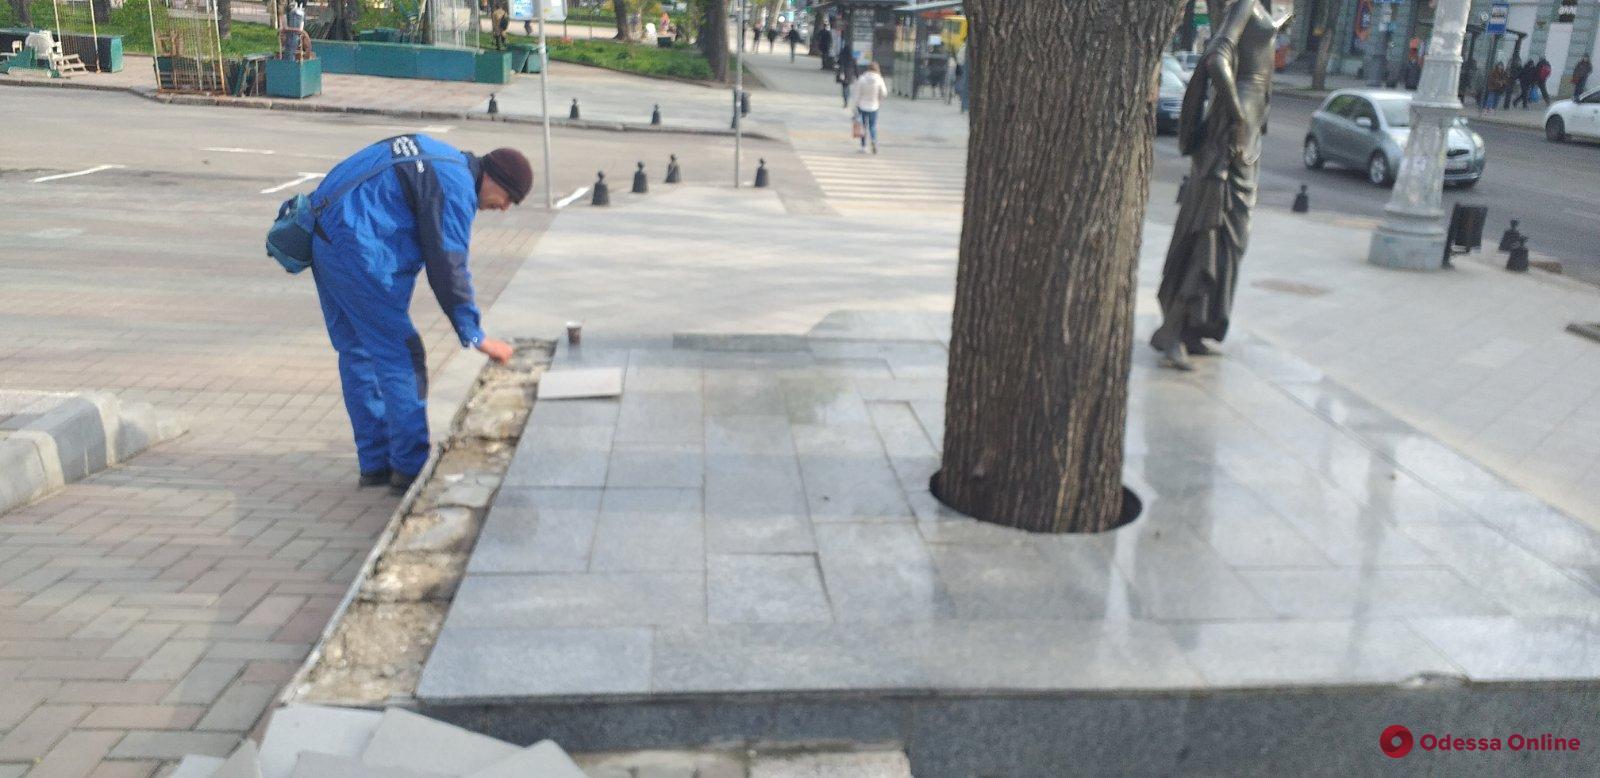 Вандалы повредили плитку у основания памятника Вере Холодной (фото)